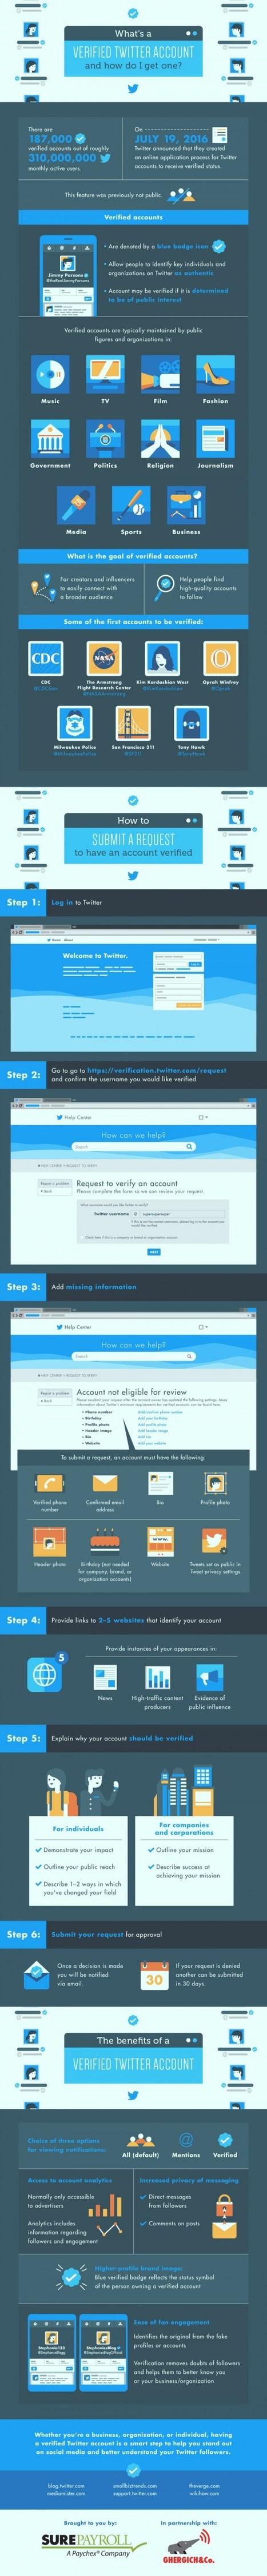 [infographie] Comment obtenir la certification de votre compte Twitter? | Social Media Curation par Mon Habitat Web | Scoop.it